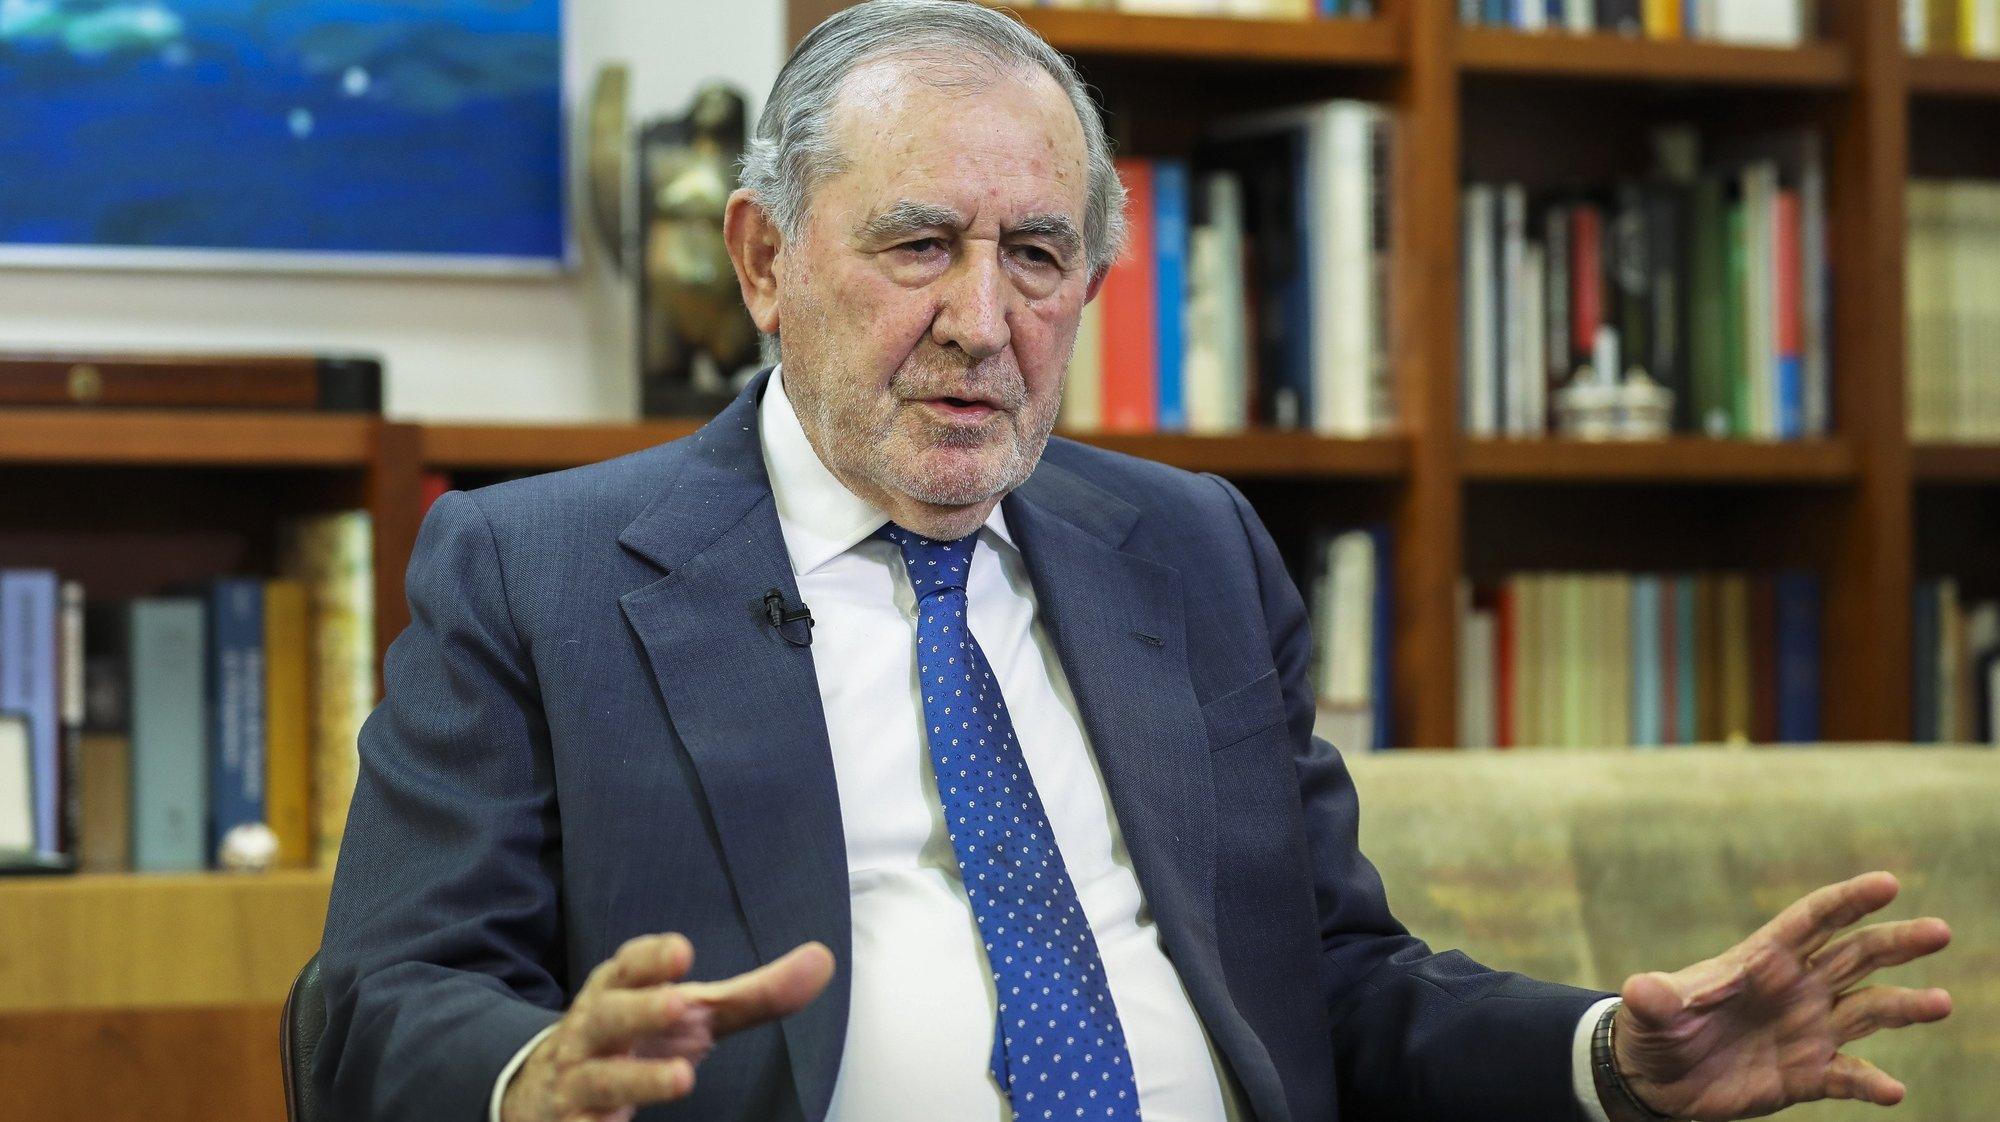 O antigo Presidente da República, Ramalho Eanes, durante uma entrevista à Agência Lusa em Lisboa, 5 de fevereiro de 2019. (ACOMPANHA TEXTO DE 07/02/2019) JOÃO RELVAS/LUSA